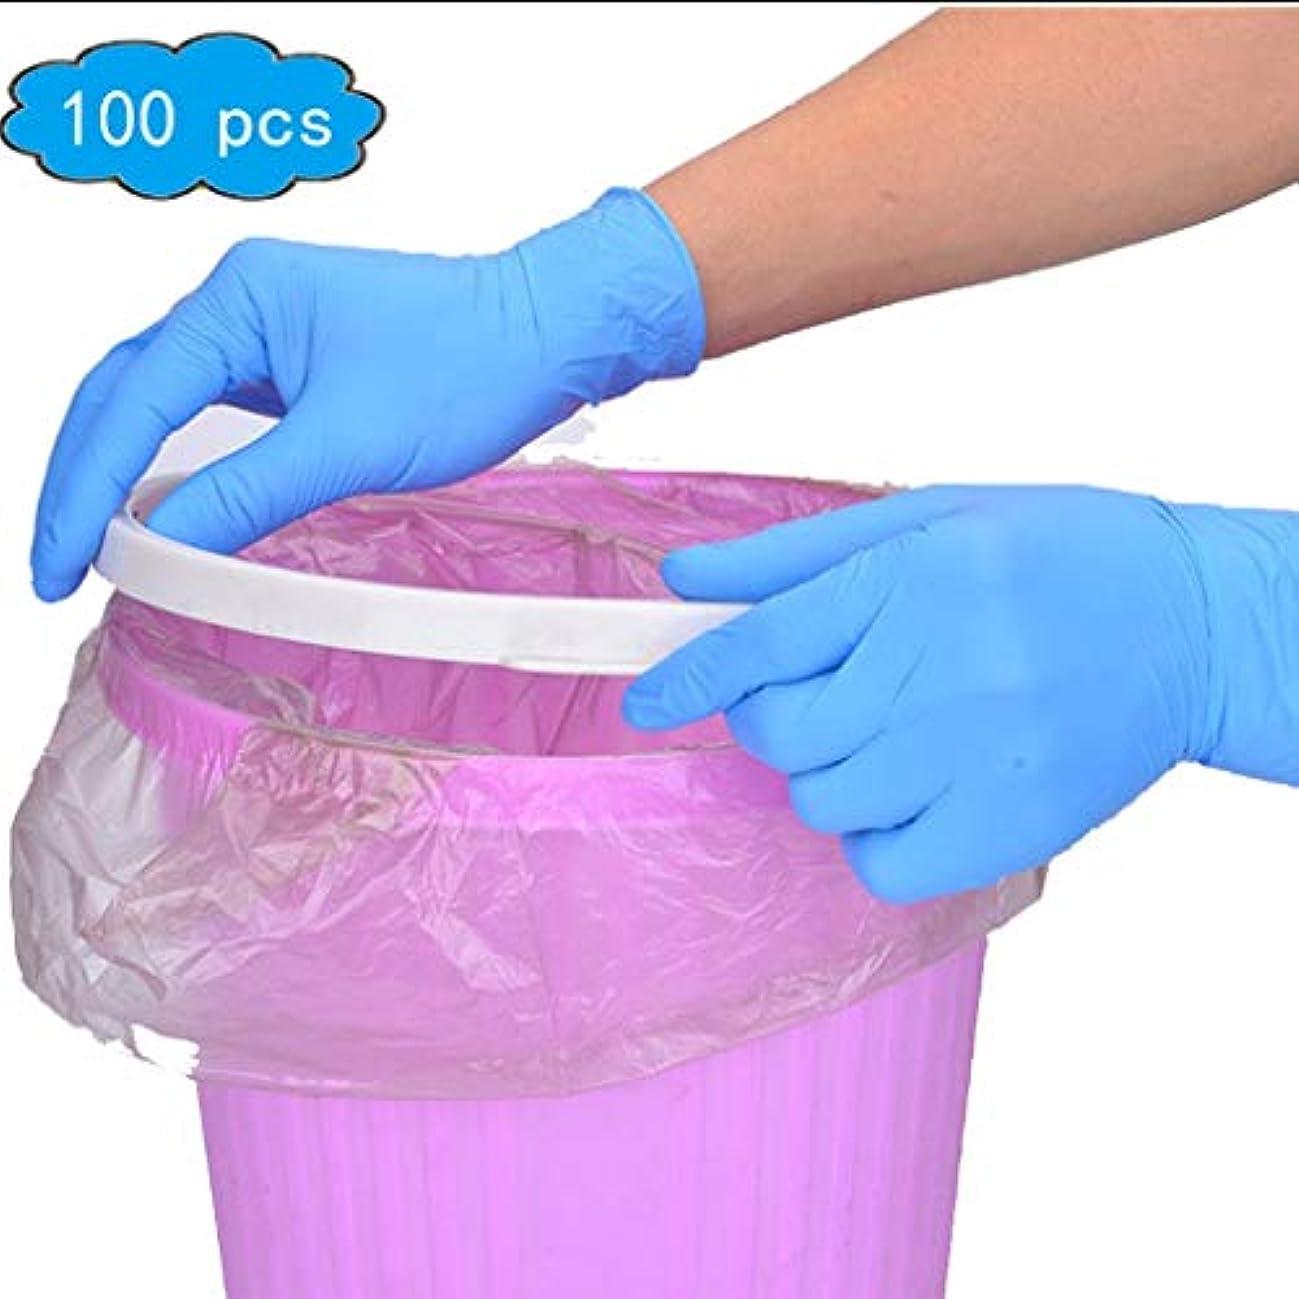 リアル動く補体使い捨てニトリルグローブ、医療用品&機器、テクスチャ指先、フードセーフ、ツール&ホーム改善、塗装、(青、大)100箱、家庭用品、ラテックス手袋使い捨て (Color : Blue, Size : S)